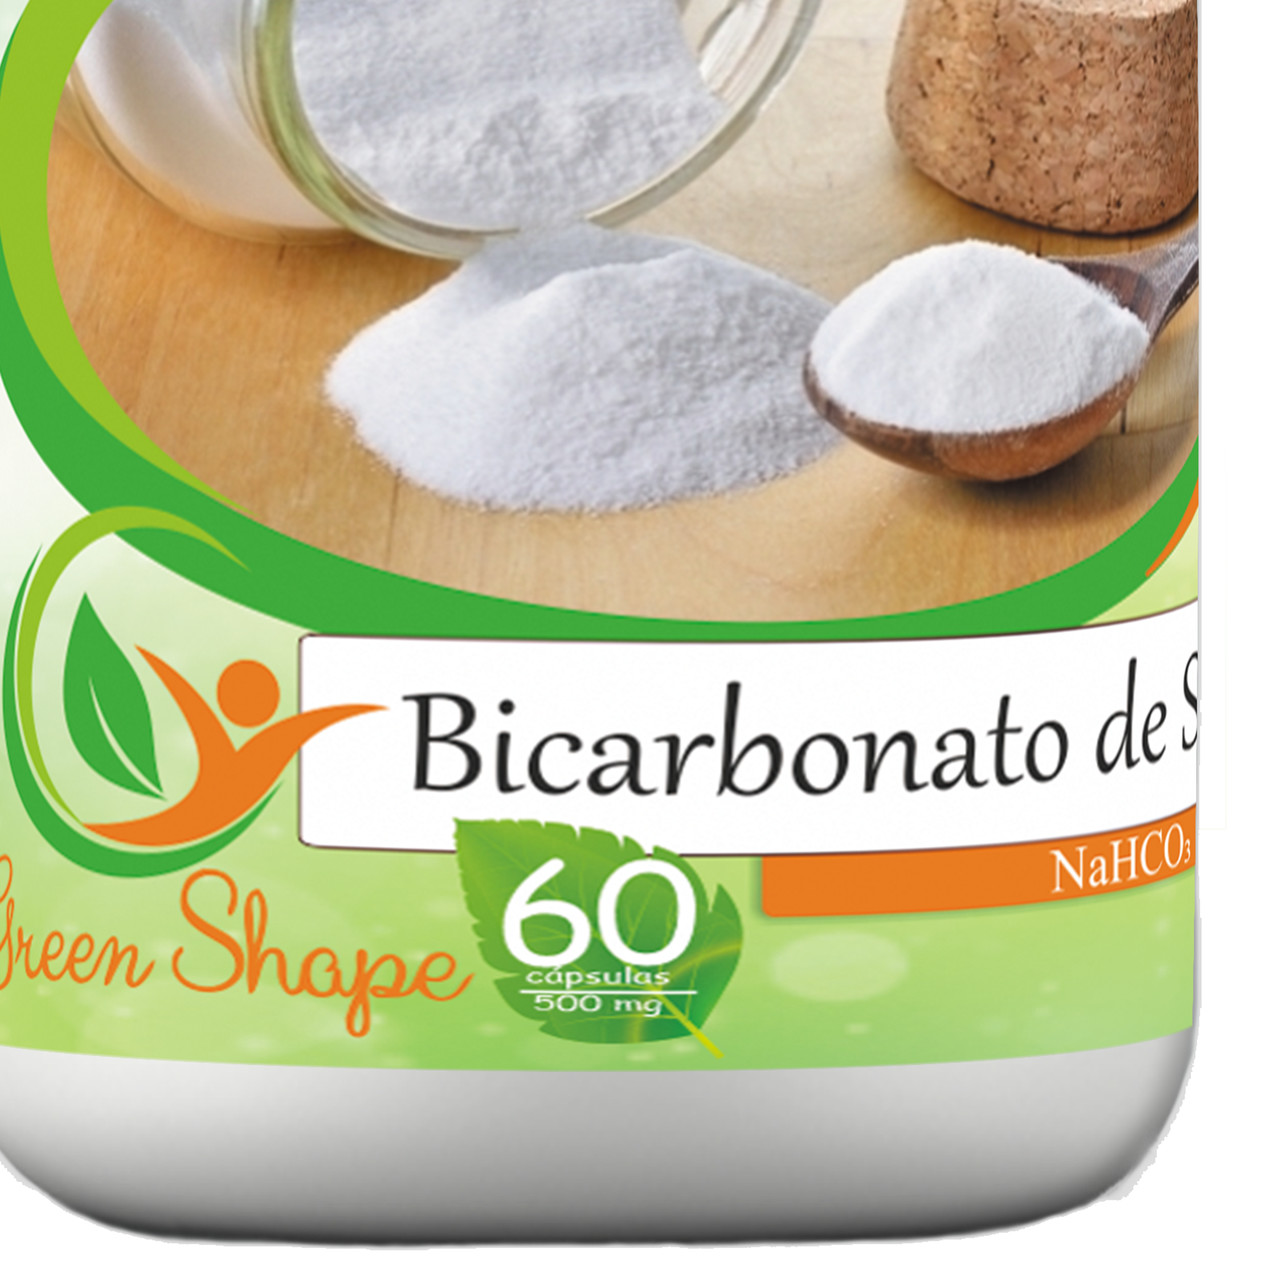 Bicarbonato de Sódio 60 cápsulas